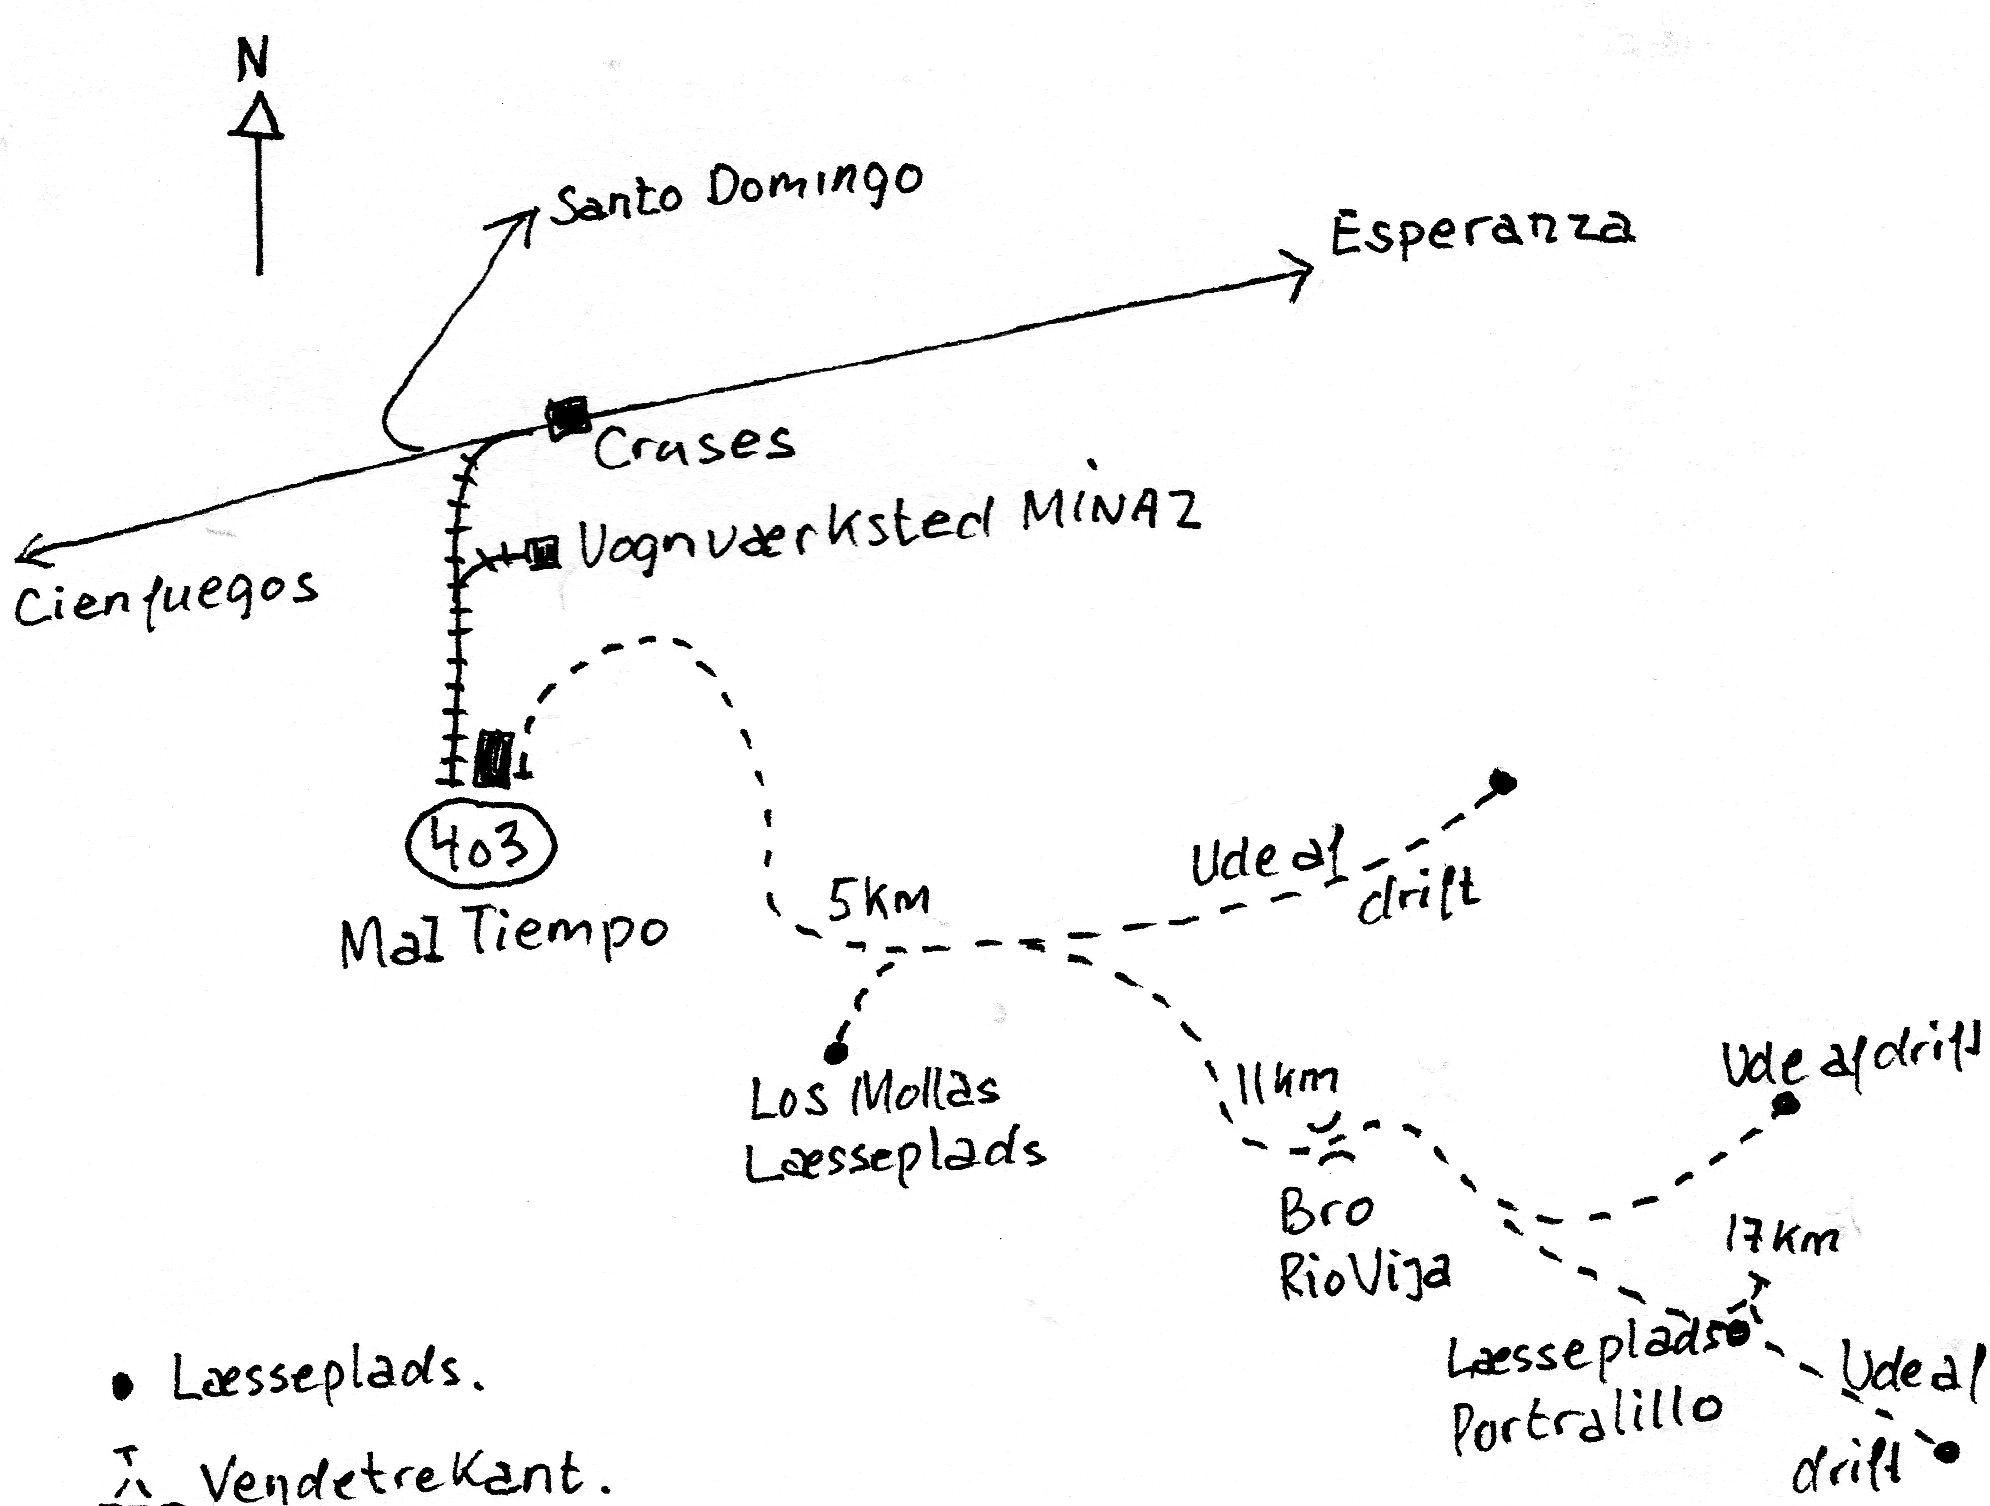 Mens de allerede viser lokomotivers møller ses på kort i normalspordelen bringes her et kort over Mal Tiempos bane, hvor beliggenheden kun angives som øst for Cienfuegos. Signaturer er som vanligt.